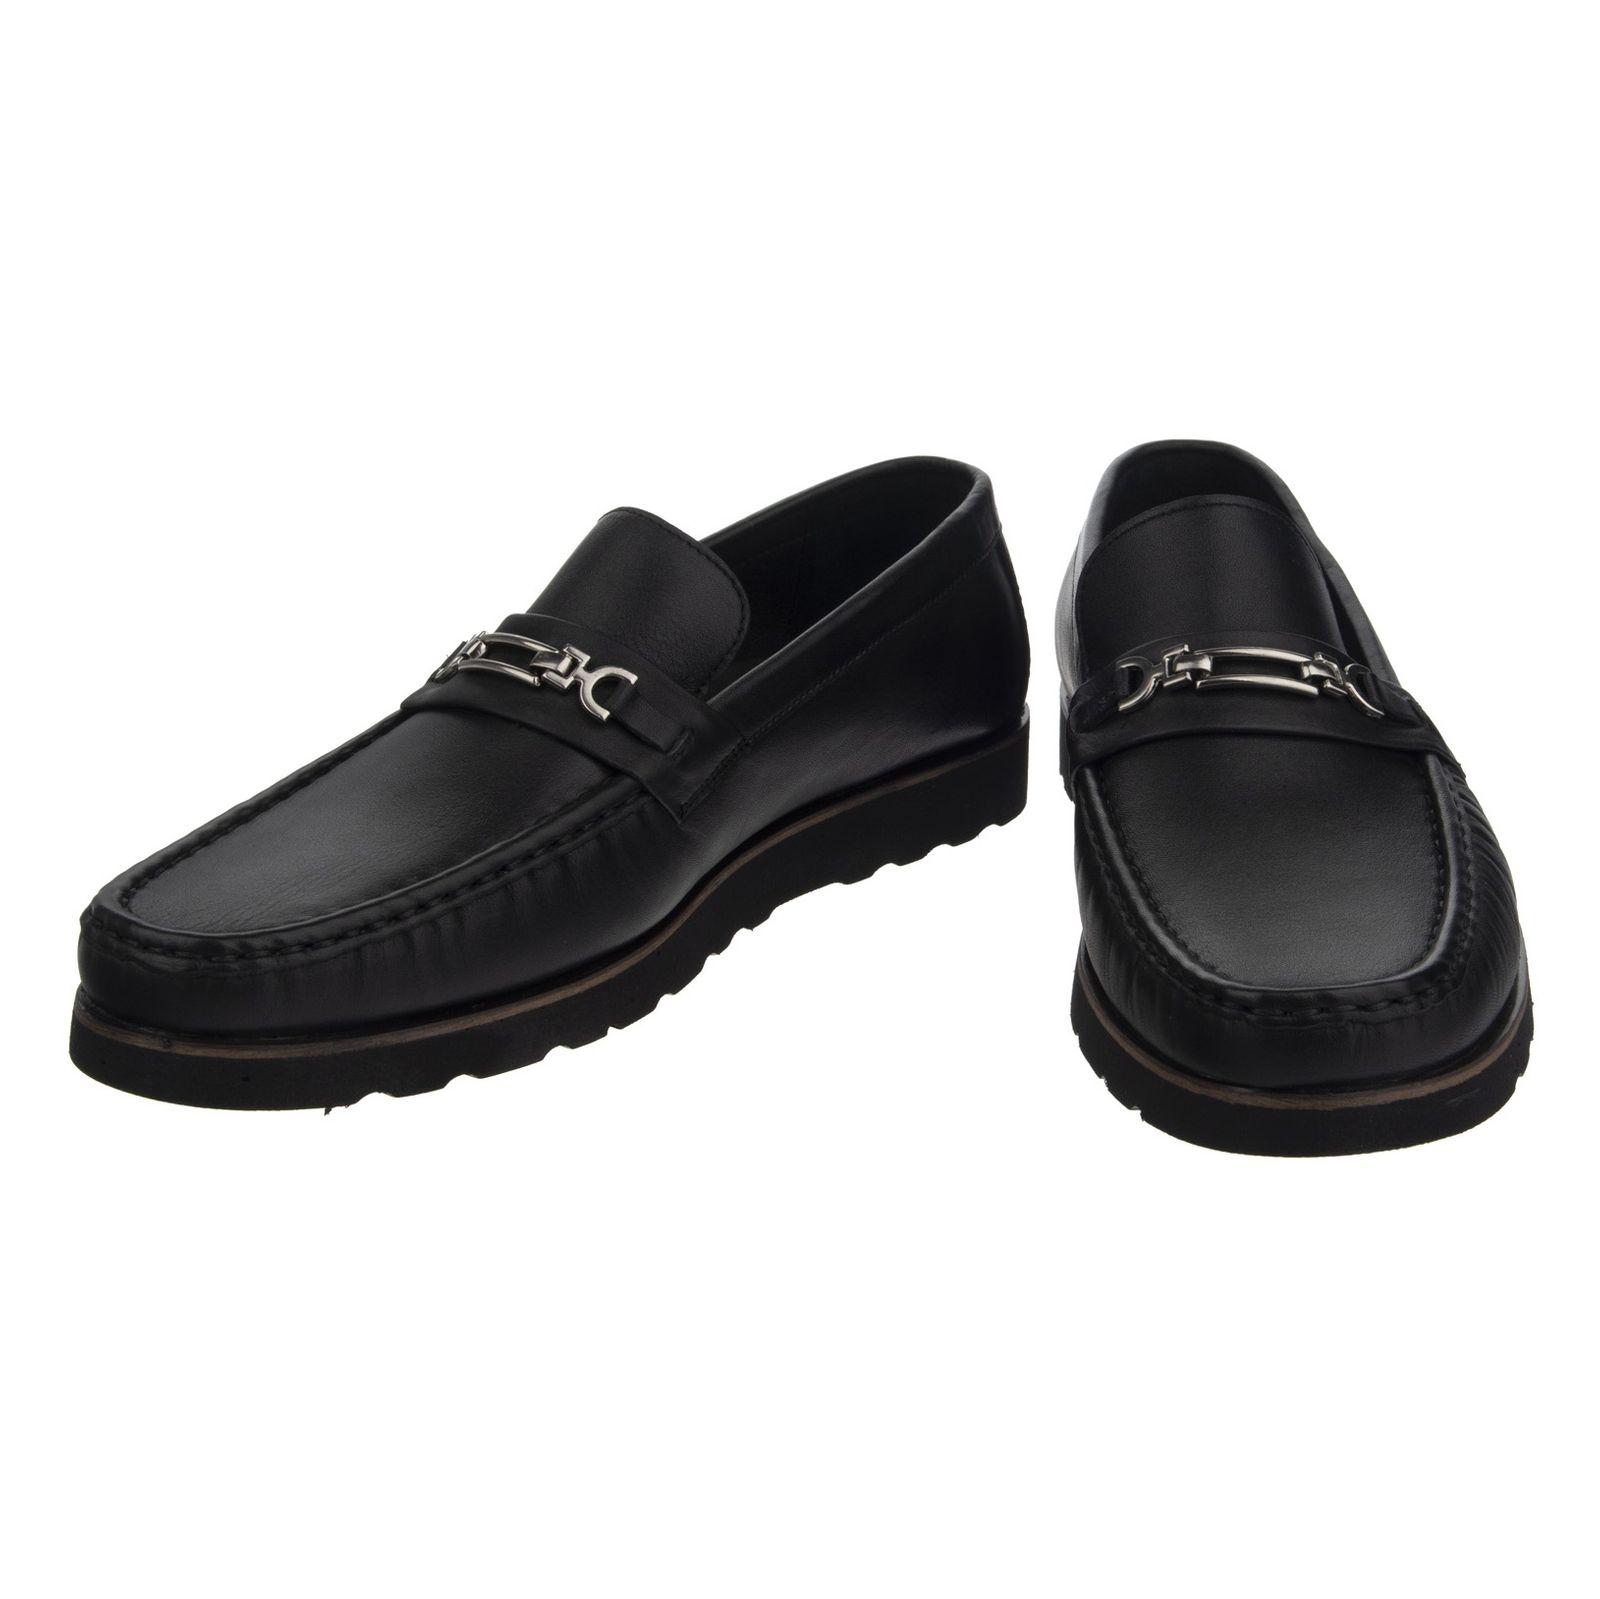 کفش مردانه گاندو مدل 711-99 - مشکی - 7